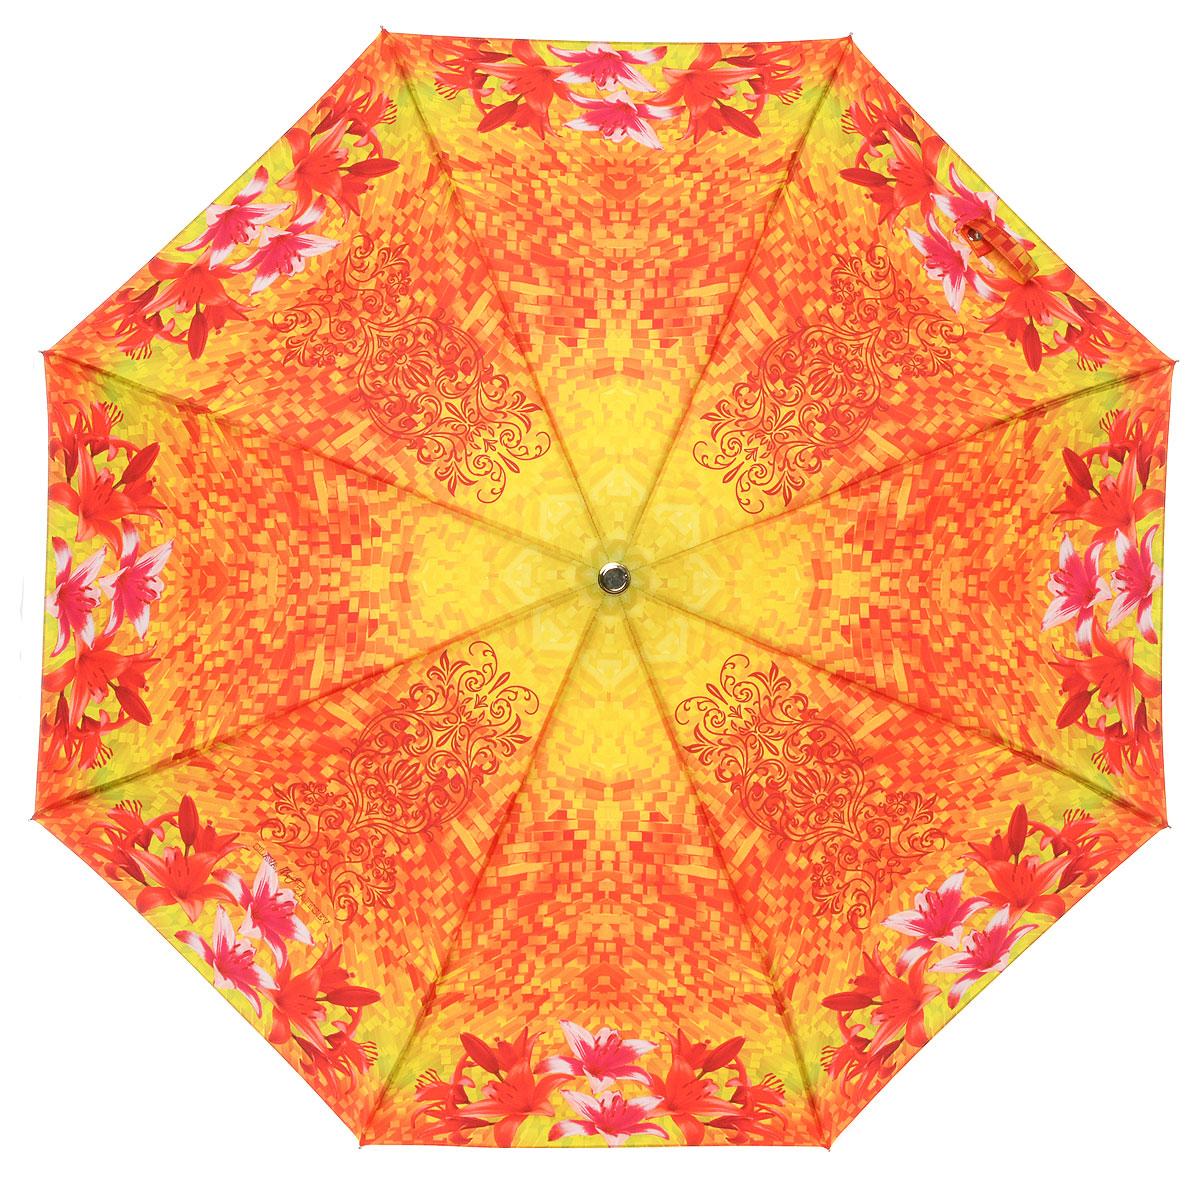 Зонт женский Slava Zaitsev, автомат, 3 сложения, цвет: оранжевый. 053/1053/1 mini SZДизайнерский женский зонт от Славы Зайцева не оставит вас без внимания. Зонт оформлен оригинальной художественной печатью. Купол зонта выполнен из качественного полиэстера, который не позволит вам намокнуть. Спицы и стержень выполнены из алюминия с элементами пластика. Зонт дополнен удобной пластиковой ручкой, которая имеет петлю, благодаря которой зонт можно носить на запястье. На ручке вставка с названием бренда. Зонт имеет автоматический механизм сложения: купол открывается и закрывается нажатием кнопки на ручке, стержень складывается вручную до характерного щелчка, благодаря чему открыть и закрыть зонт можно одной рукой. К зонту прилагается чехол. Стильный и практичный аксессуар даже в ненастную погоду позволит вам оставаться яркой и неотразимой.